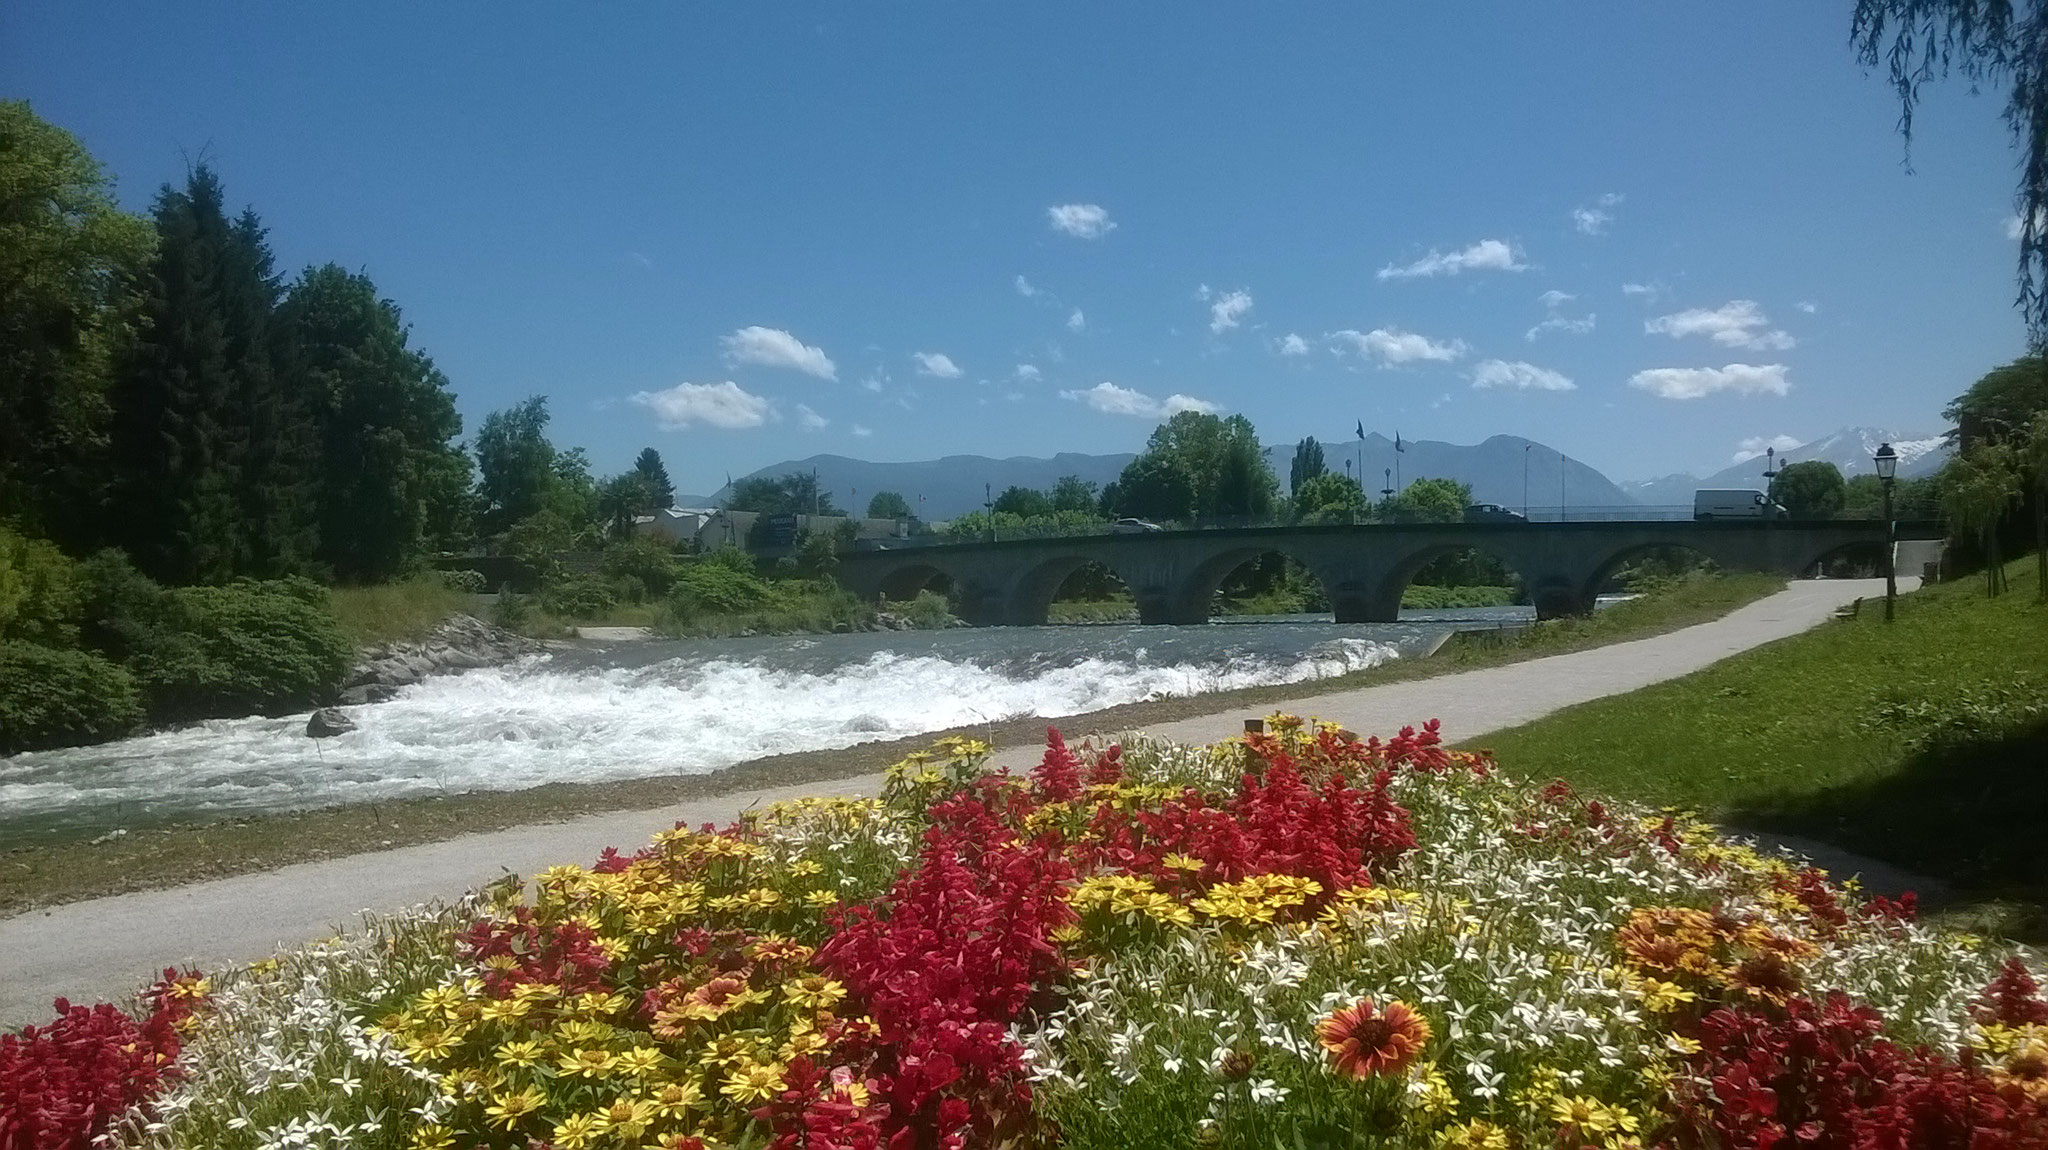 La petite ville de Nay traversée par le Gave de Pau